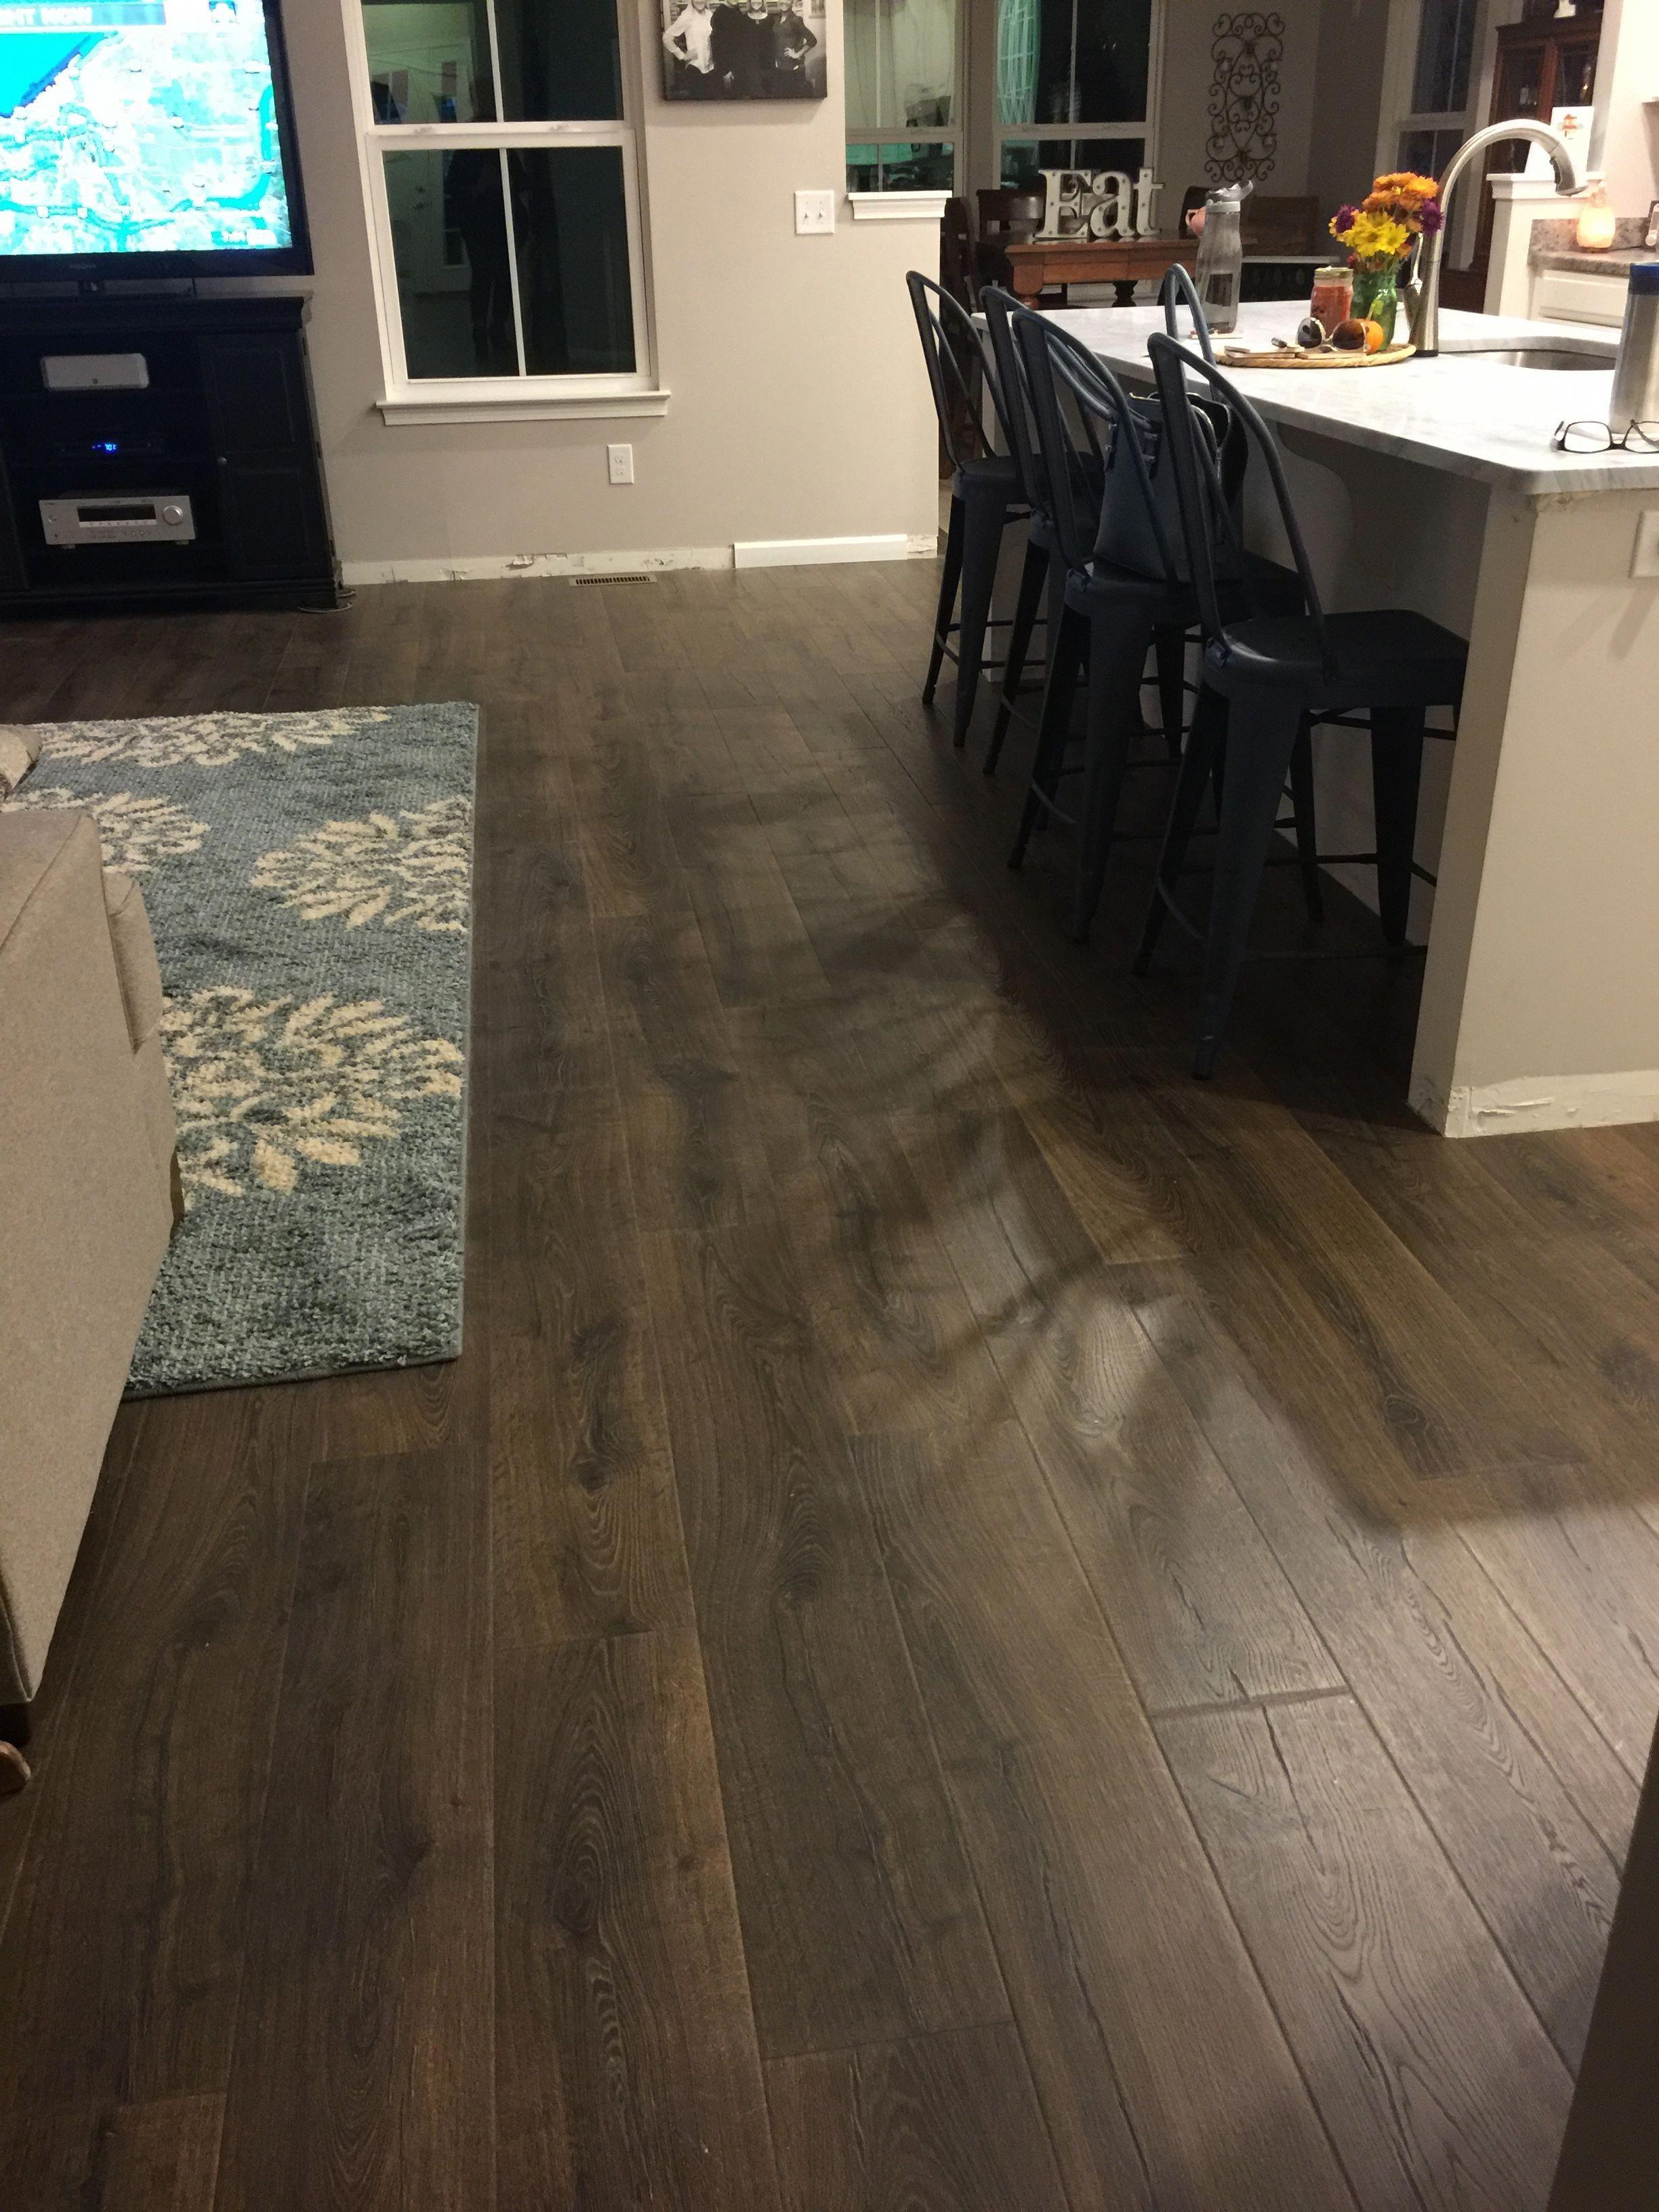 Best Hardwood Floor Brands Reddit